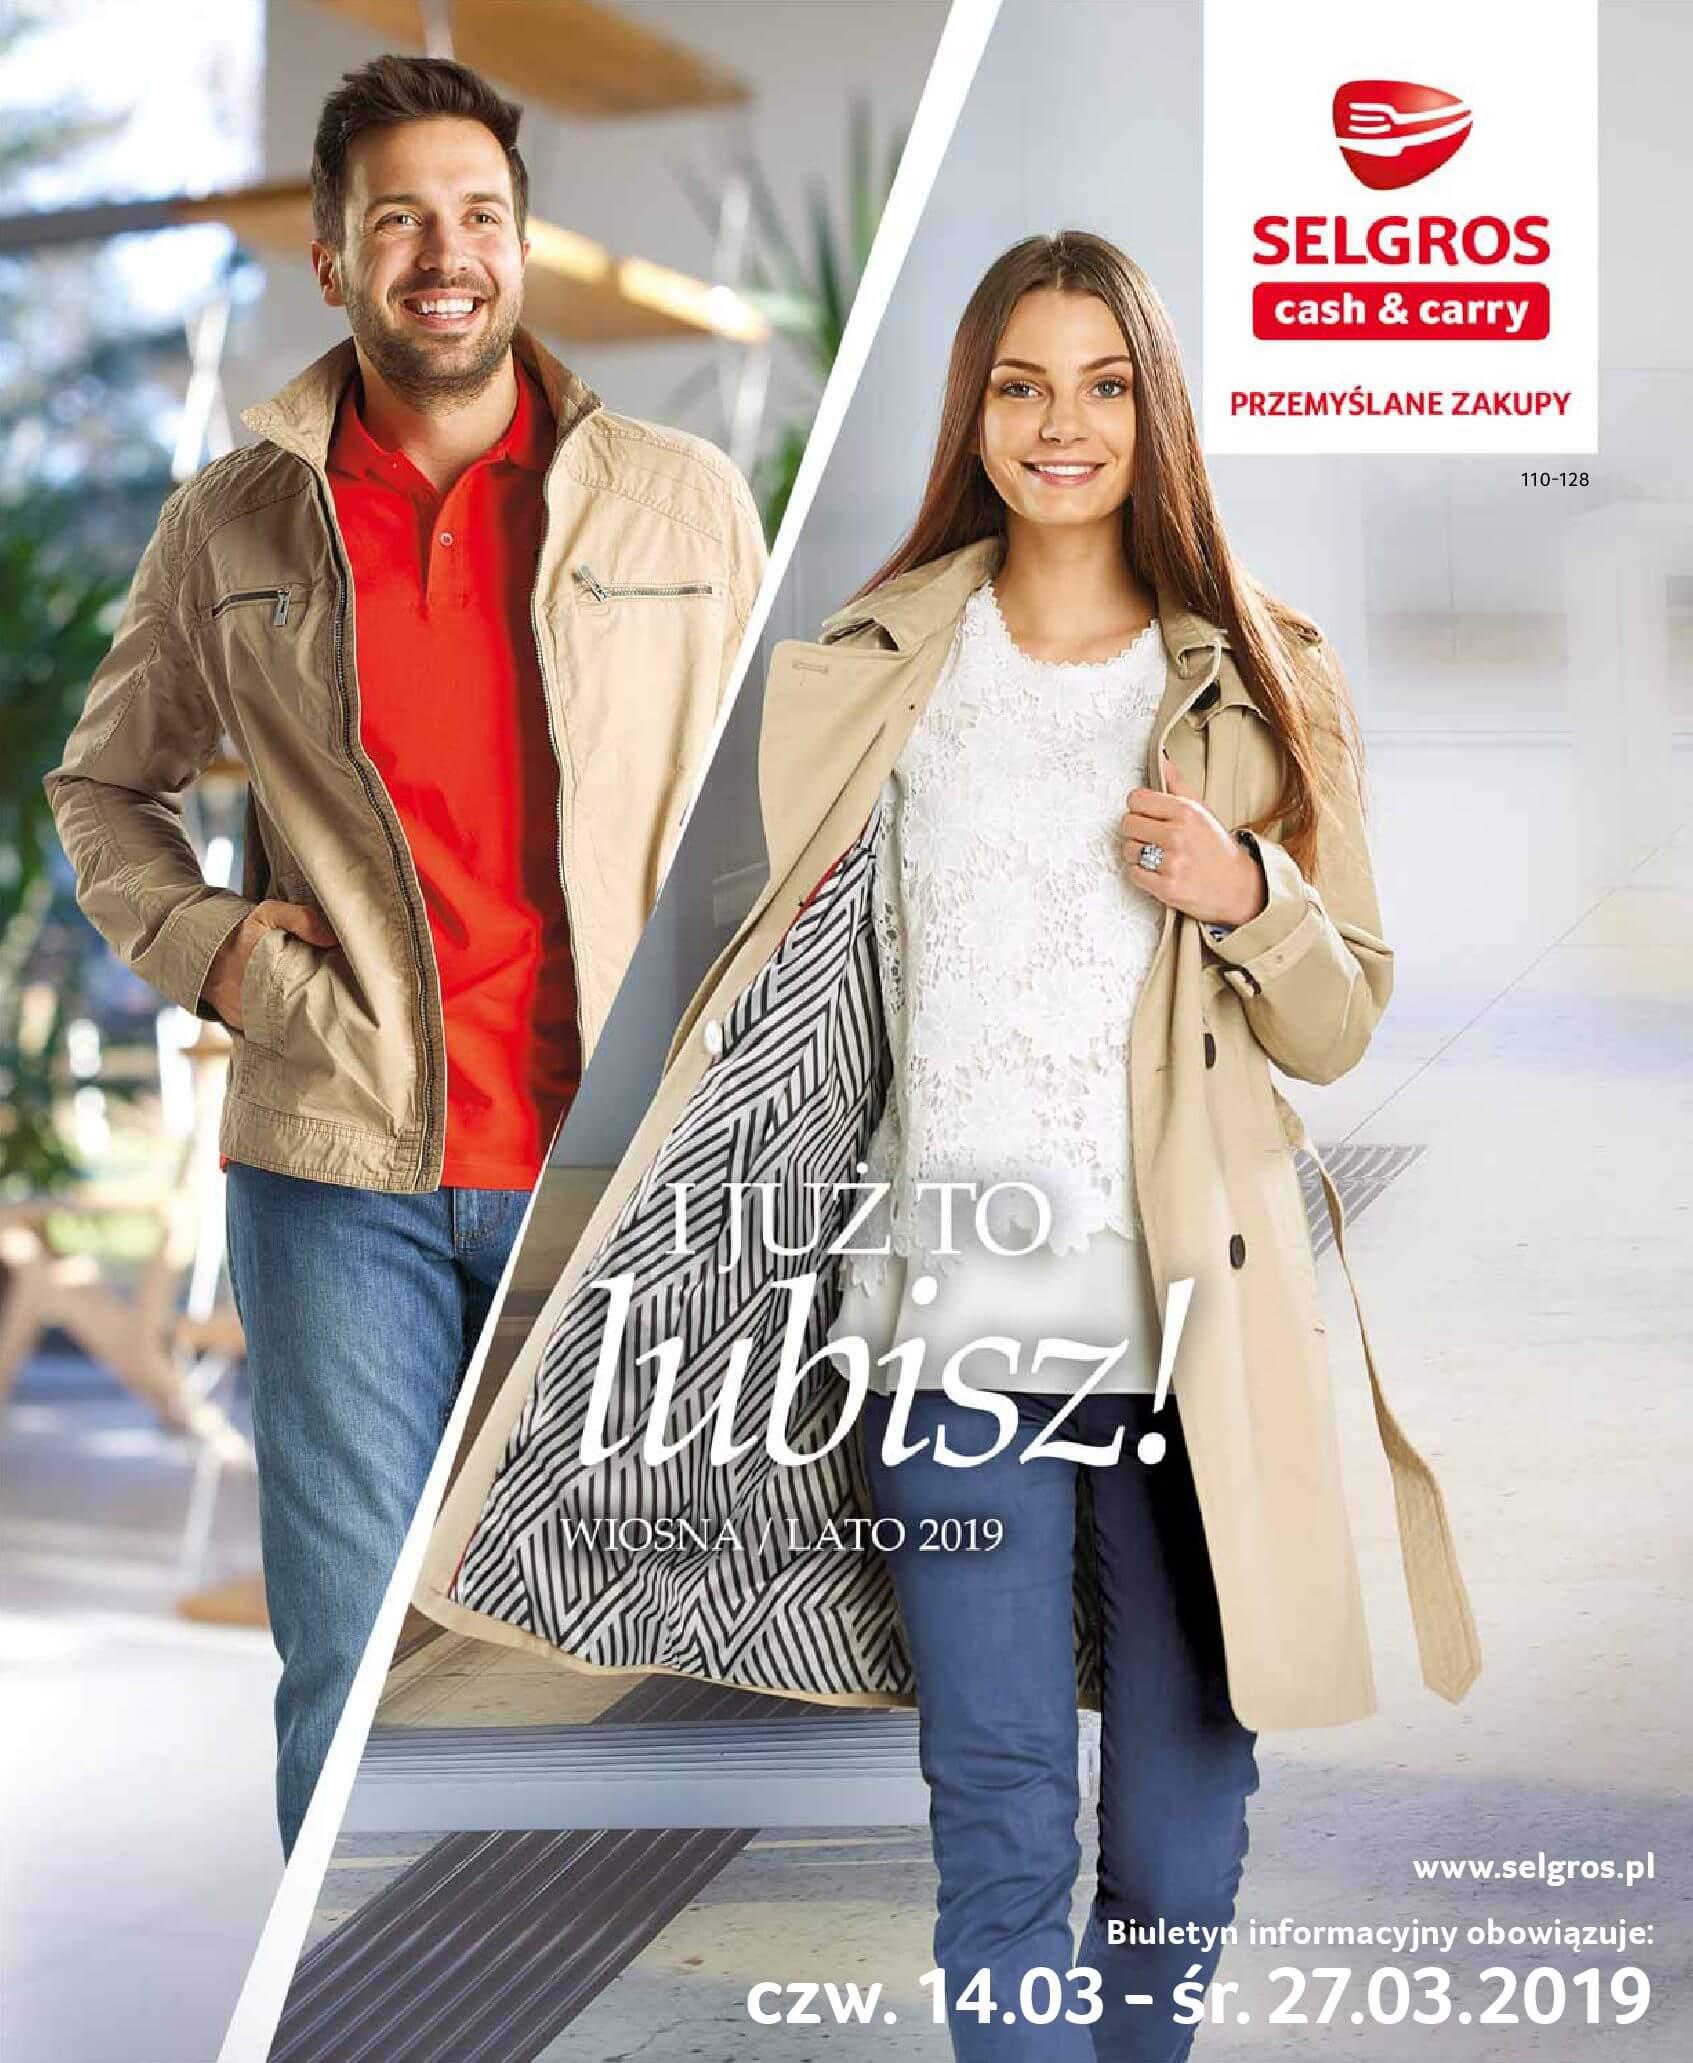 Gazetka Selgros - I już to lubisz!-13.03.2019-27.03.2019-page-